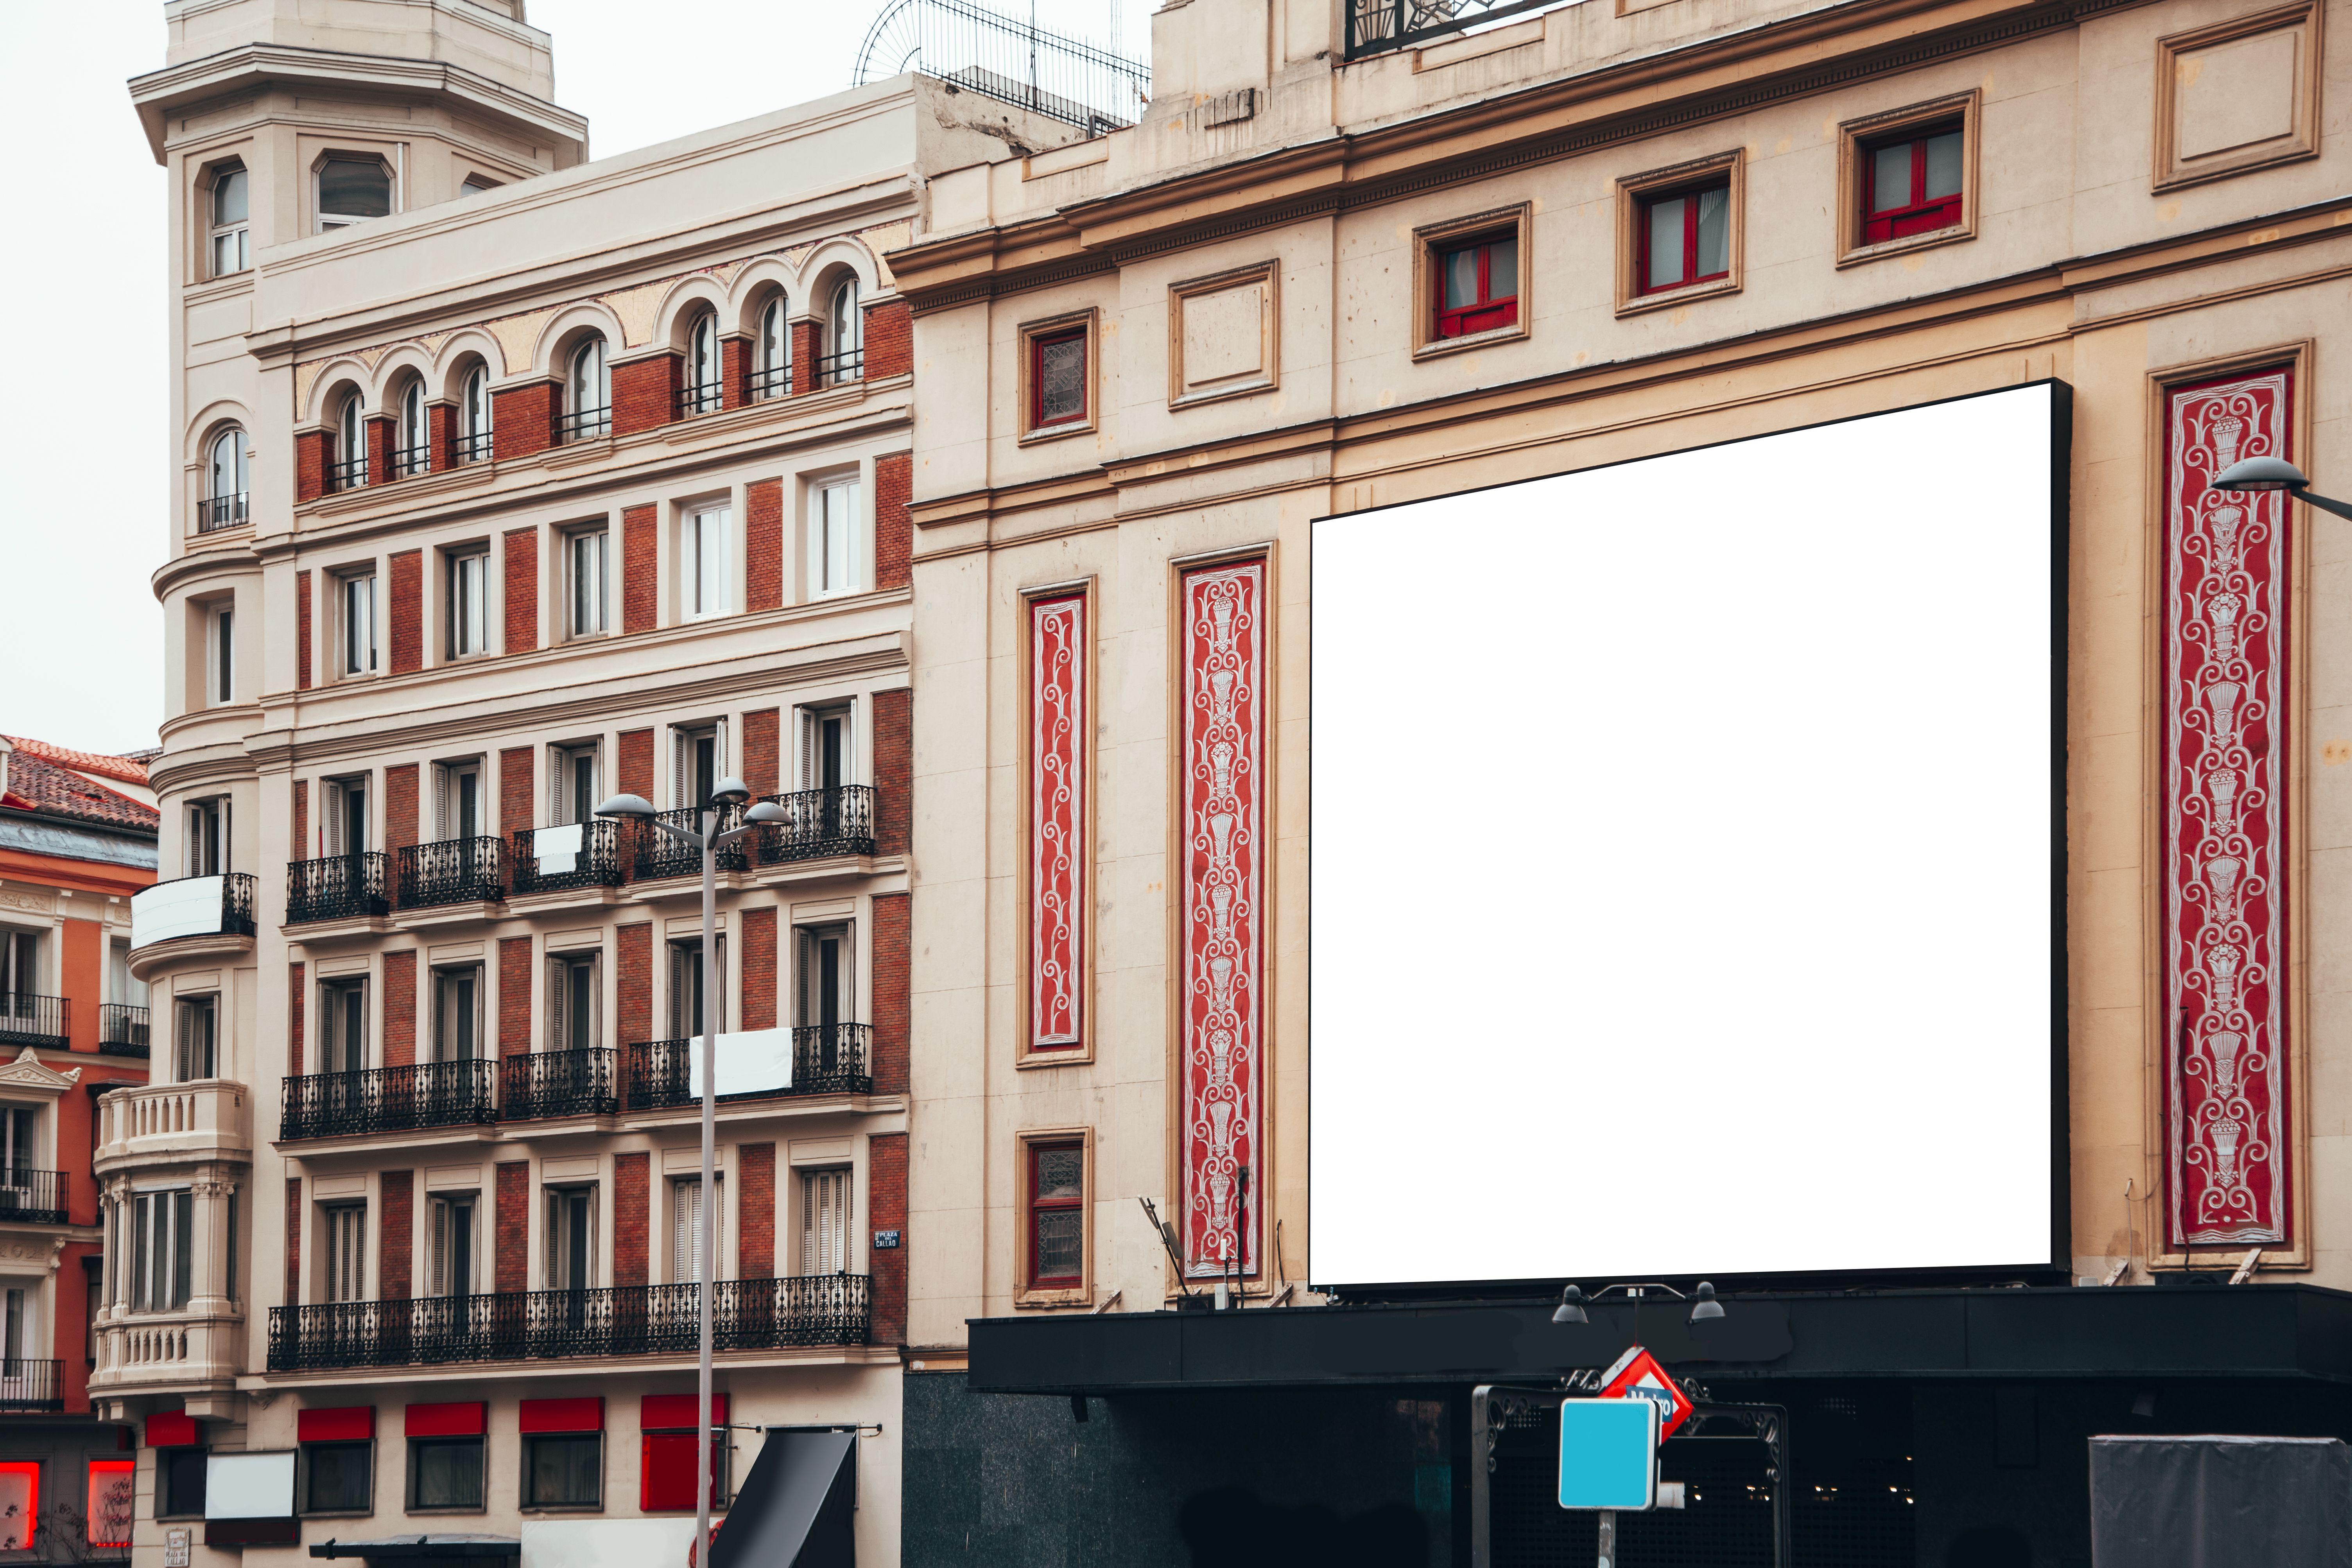 Vallas publicitarias en Sabadell